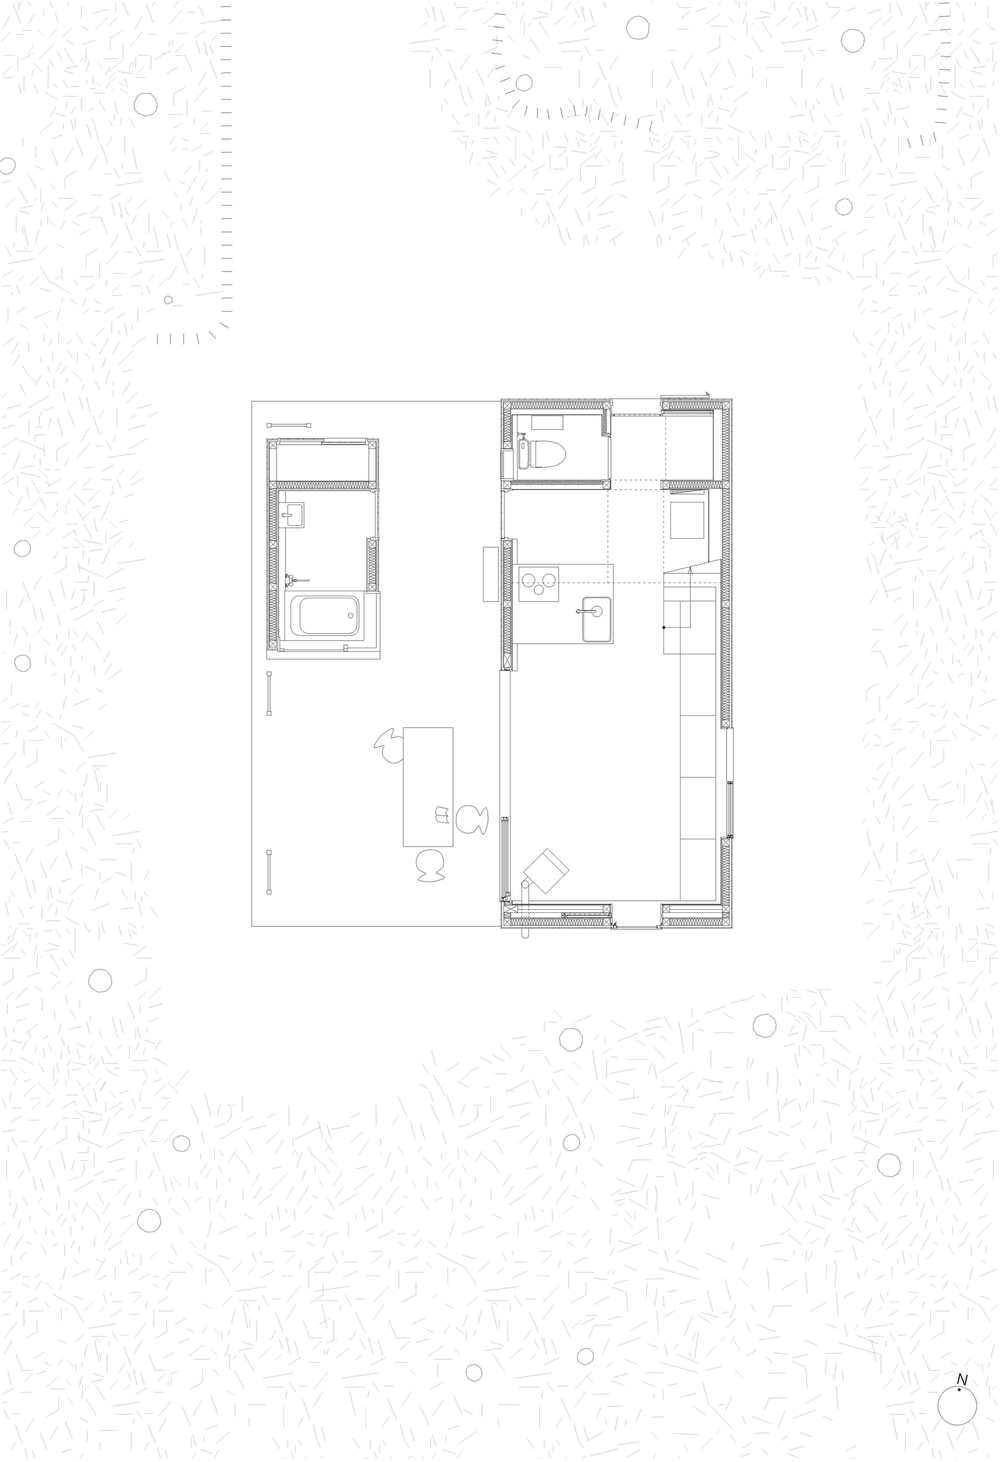 the-tree-mag-villa-in-hakuba-by-naka-architects-110.png